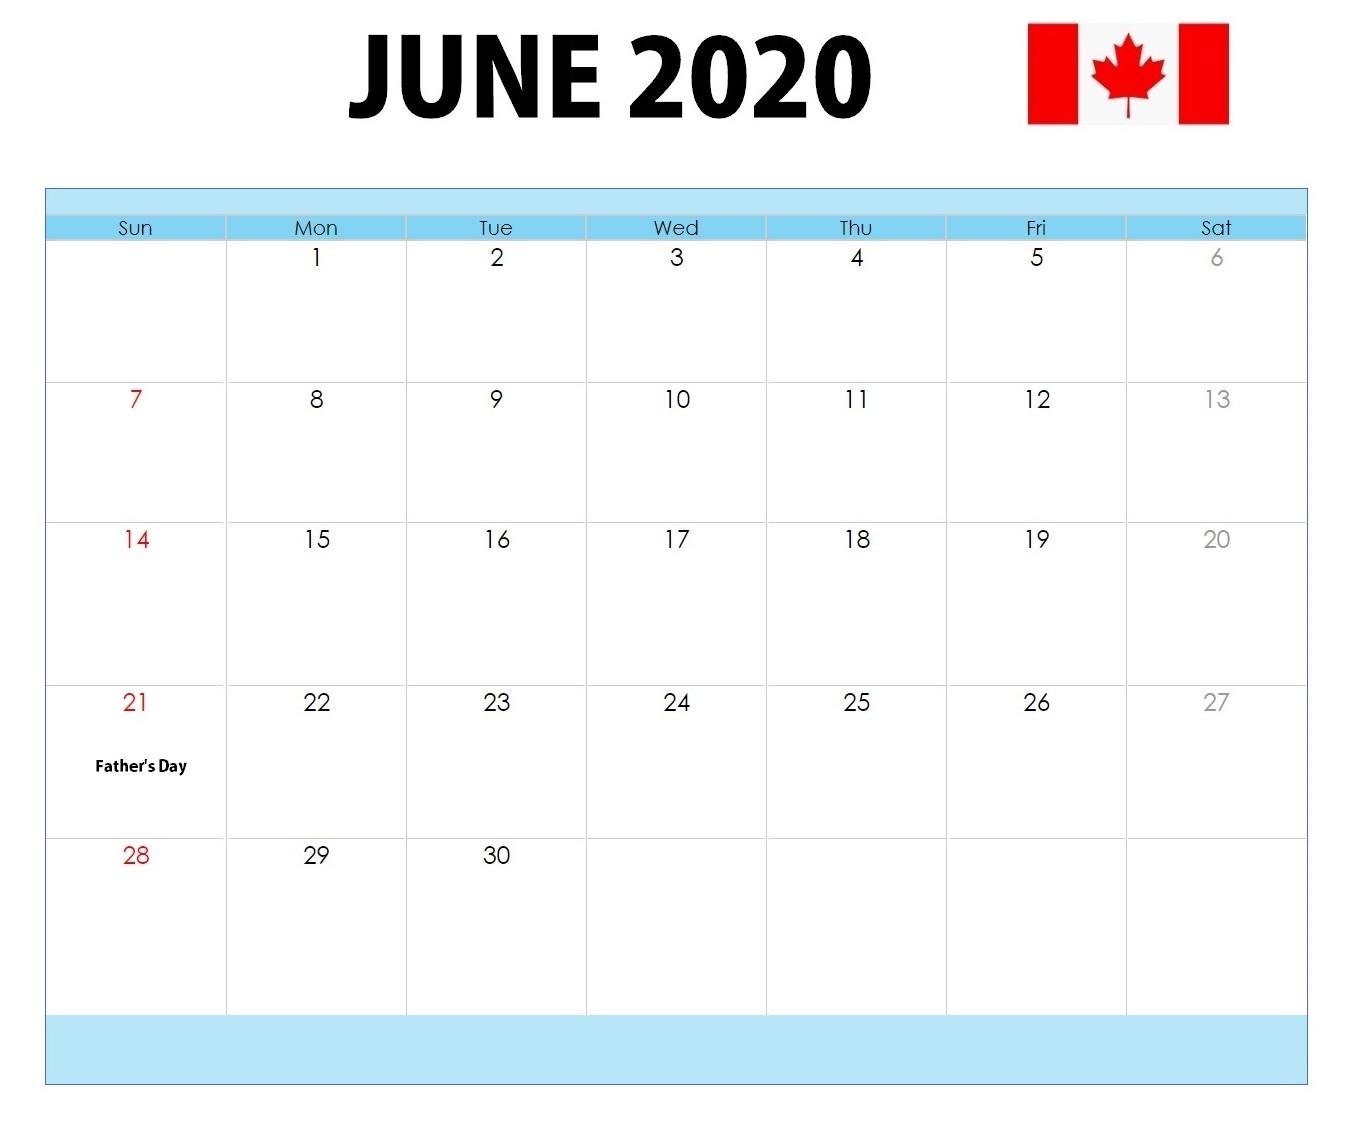 Canada Holidays Calendar June 2020